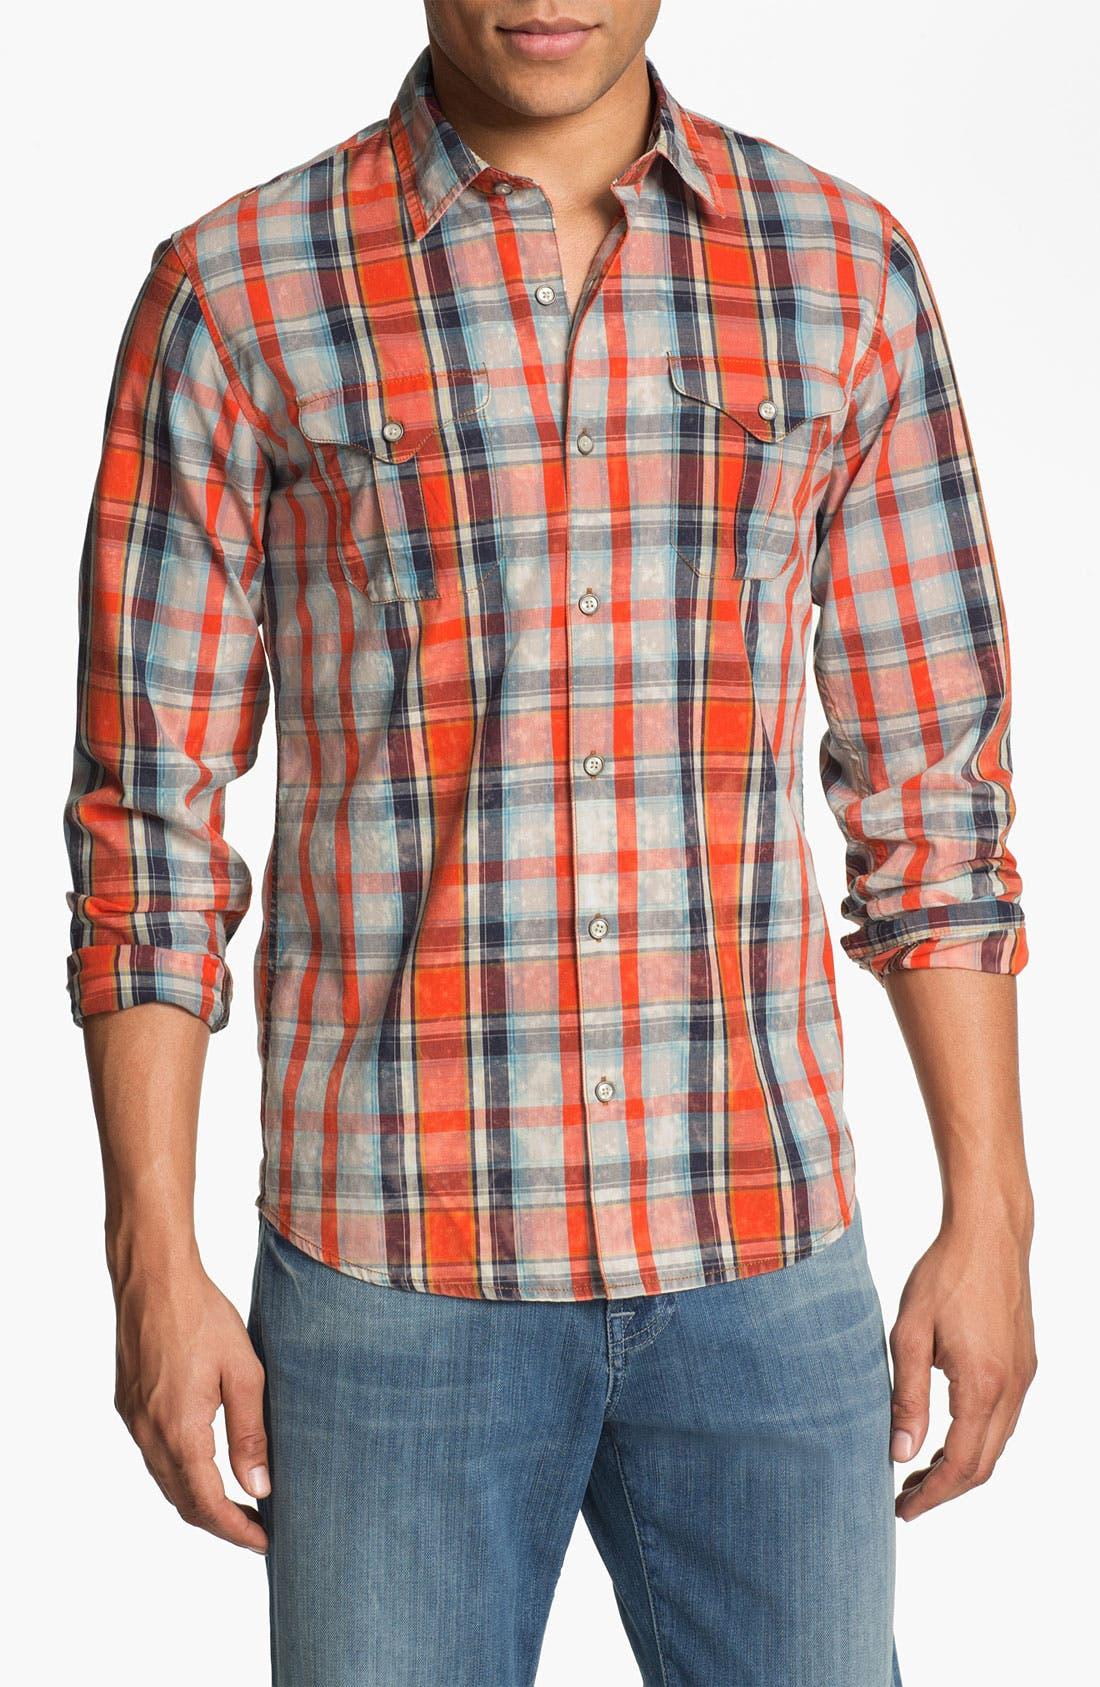 Main Image - 55DSL 'Sweel' Check Print Woven Shirt